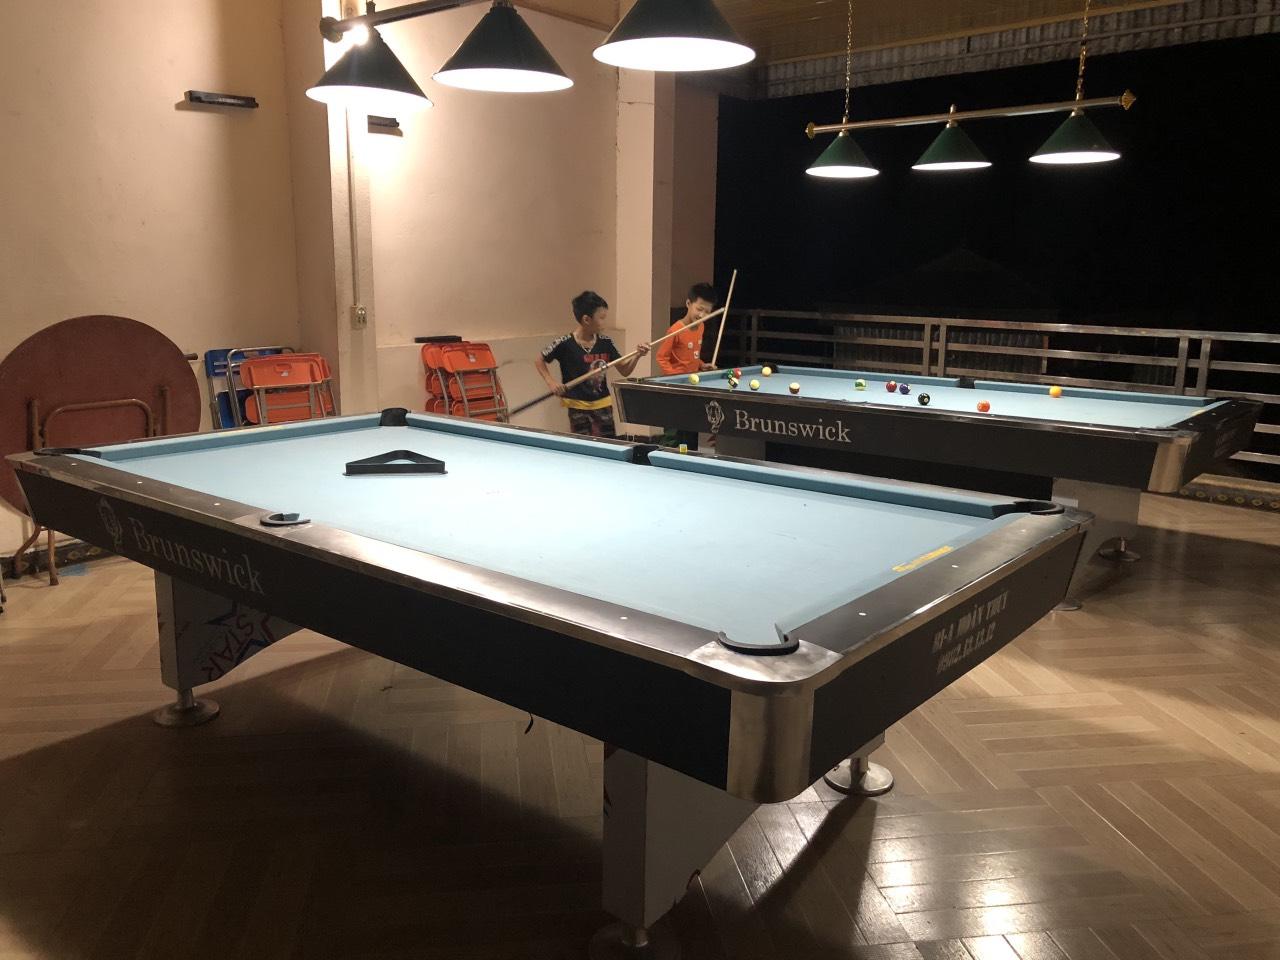 Billiards Hoàn Thúy lắp đặt thêm 2 bàn 9018 tại Bảo Lạc, Cao Bằng